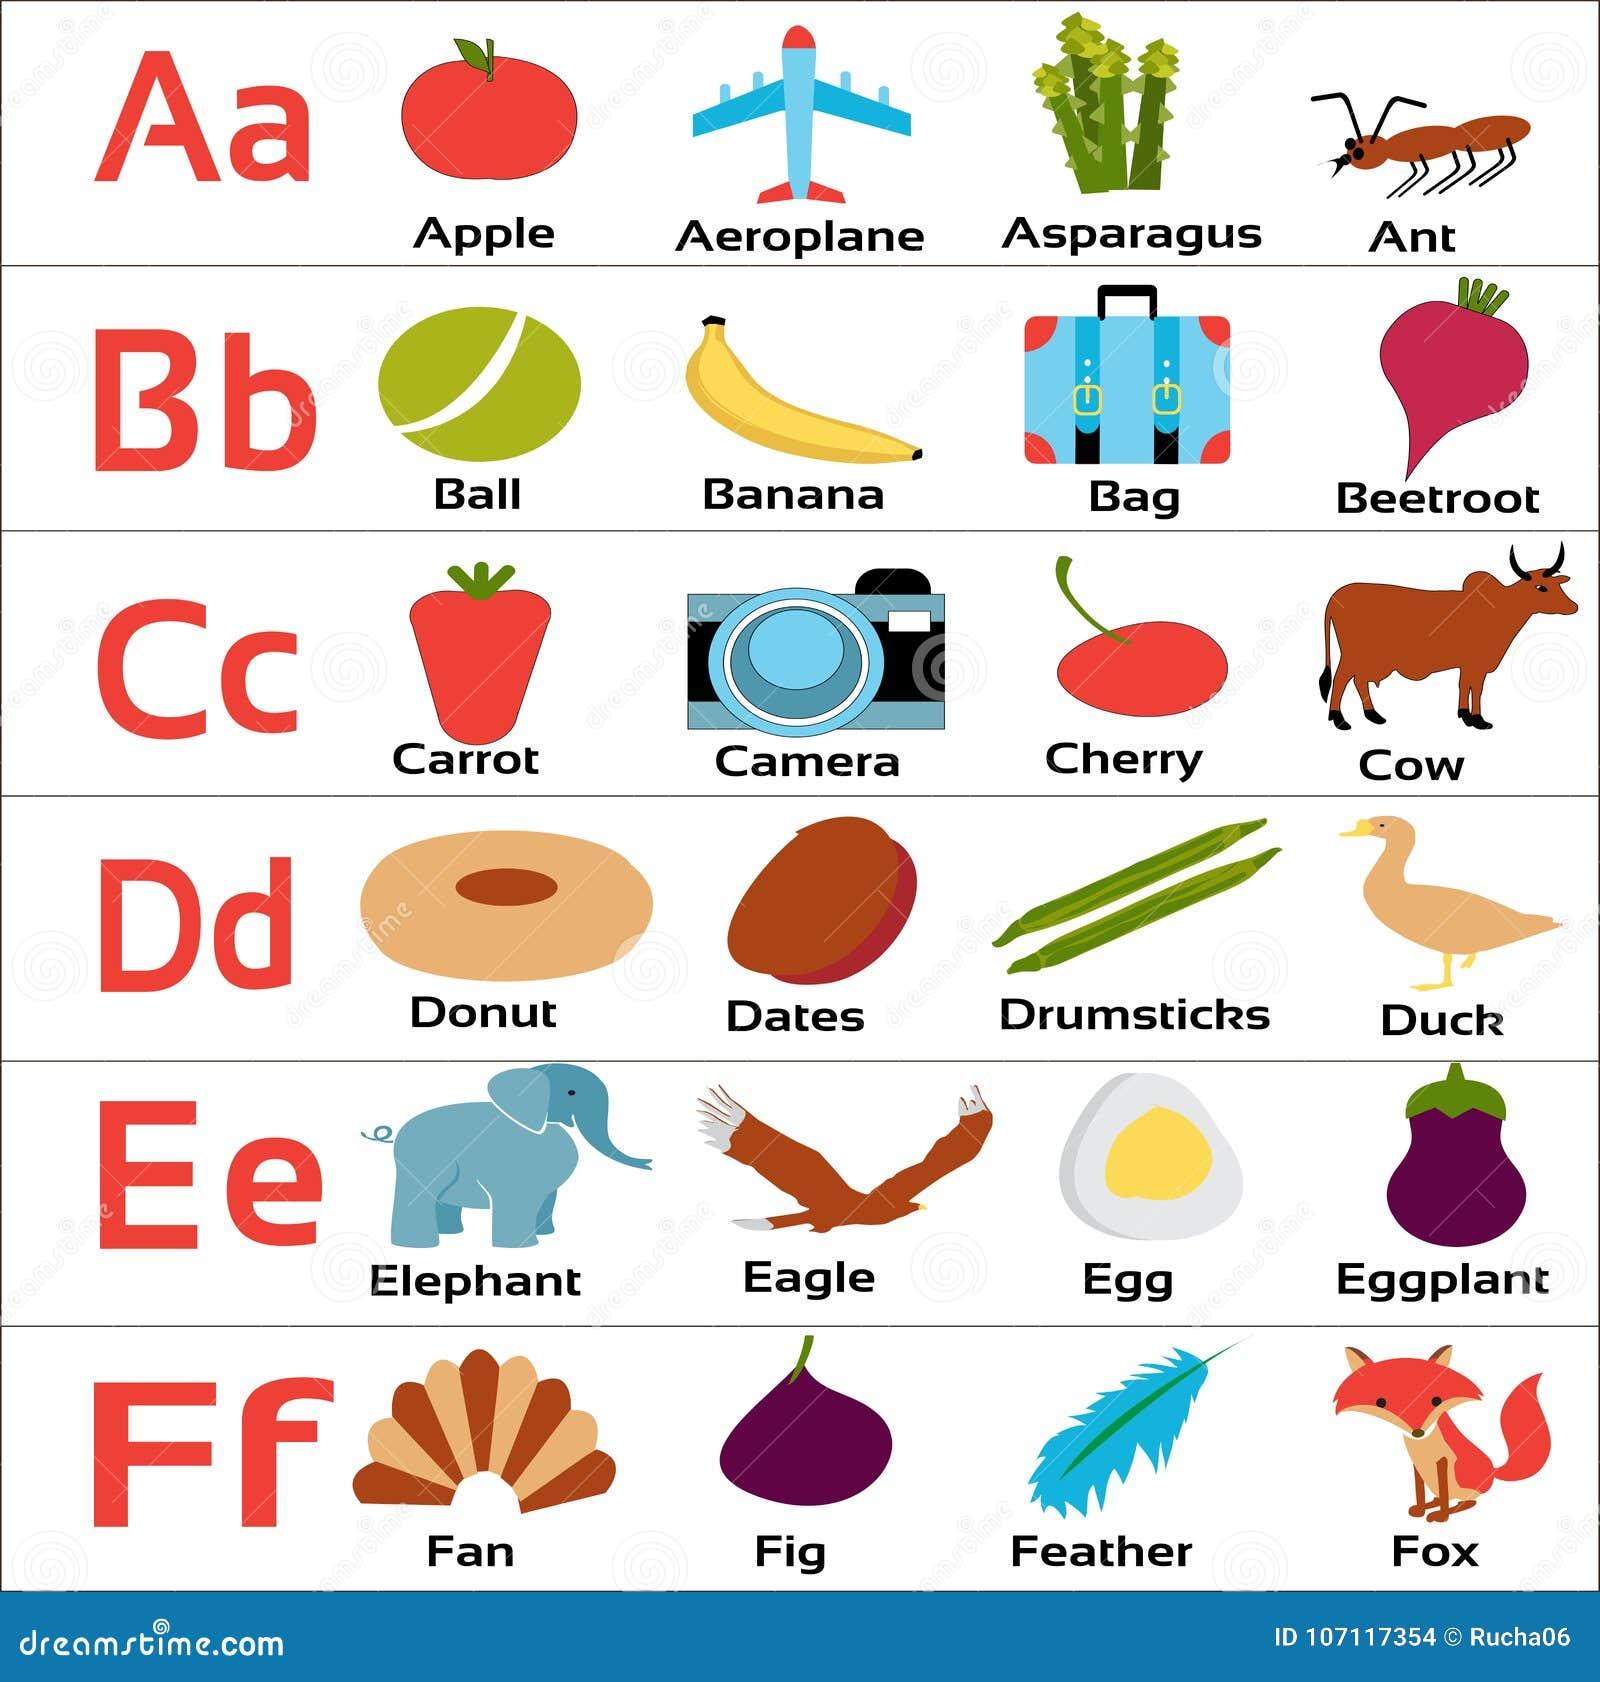 Детск-алфавиты-abcdef для малых детей